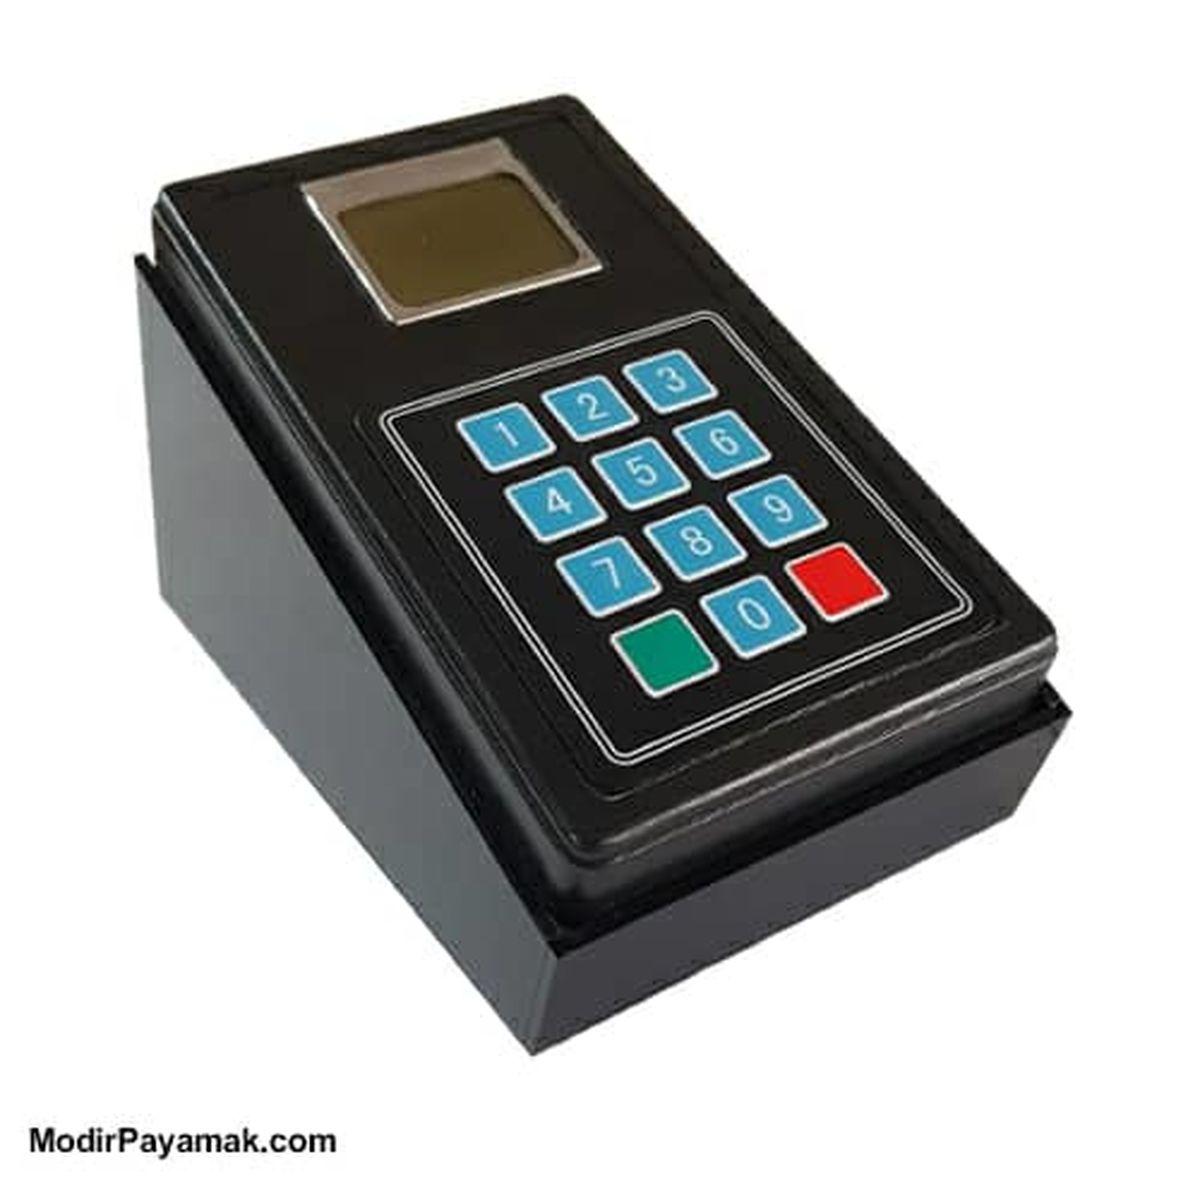 دستگاه ثبت شماره موبایل مشتری